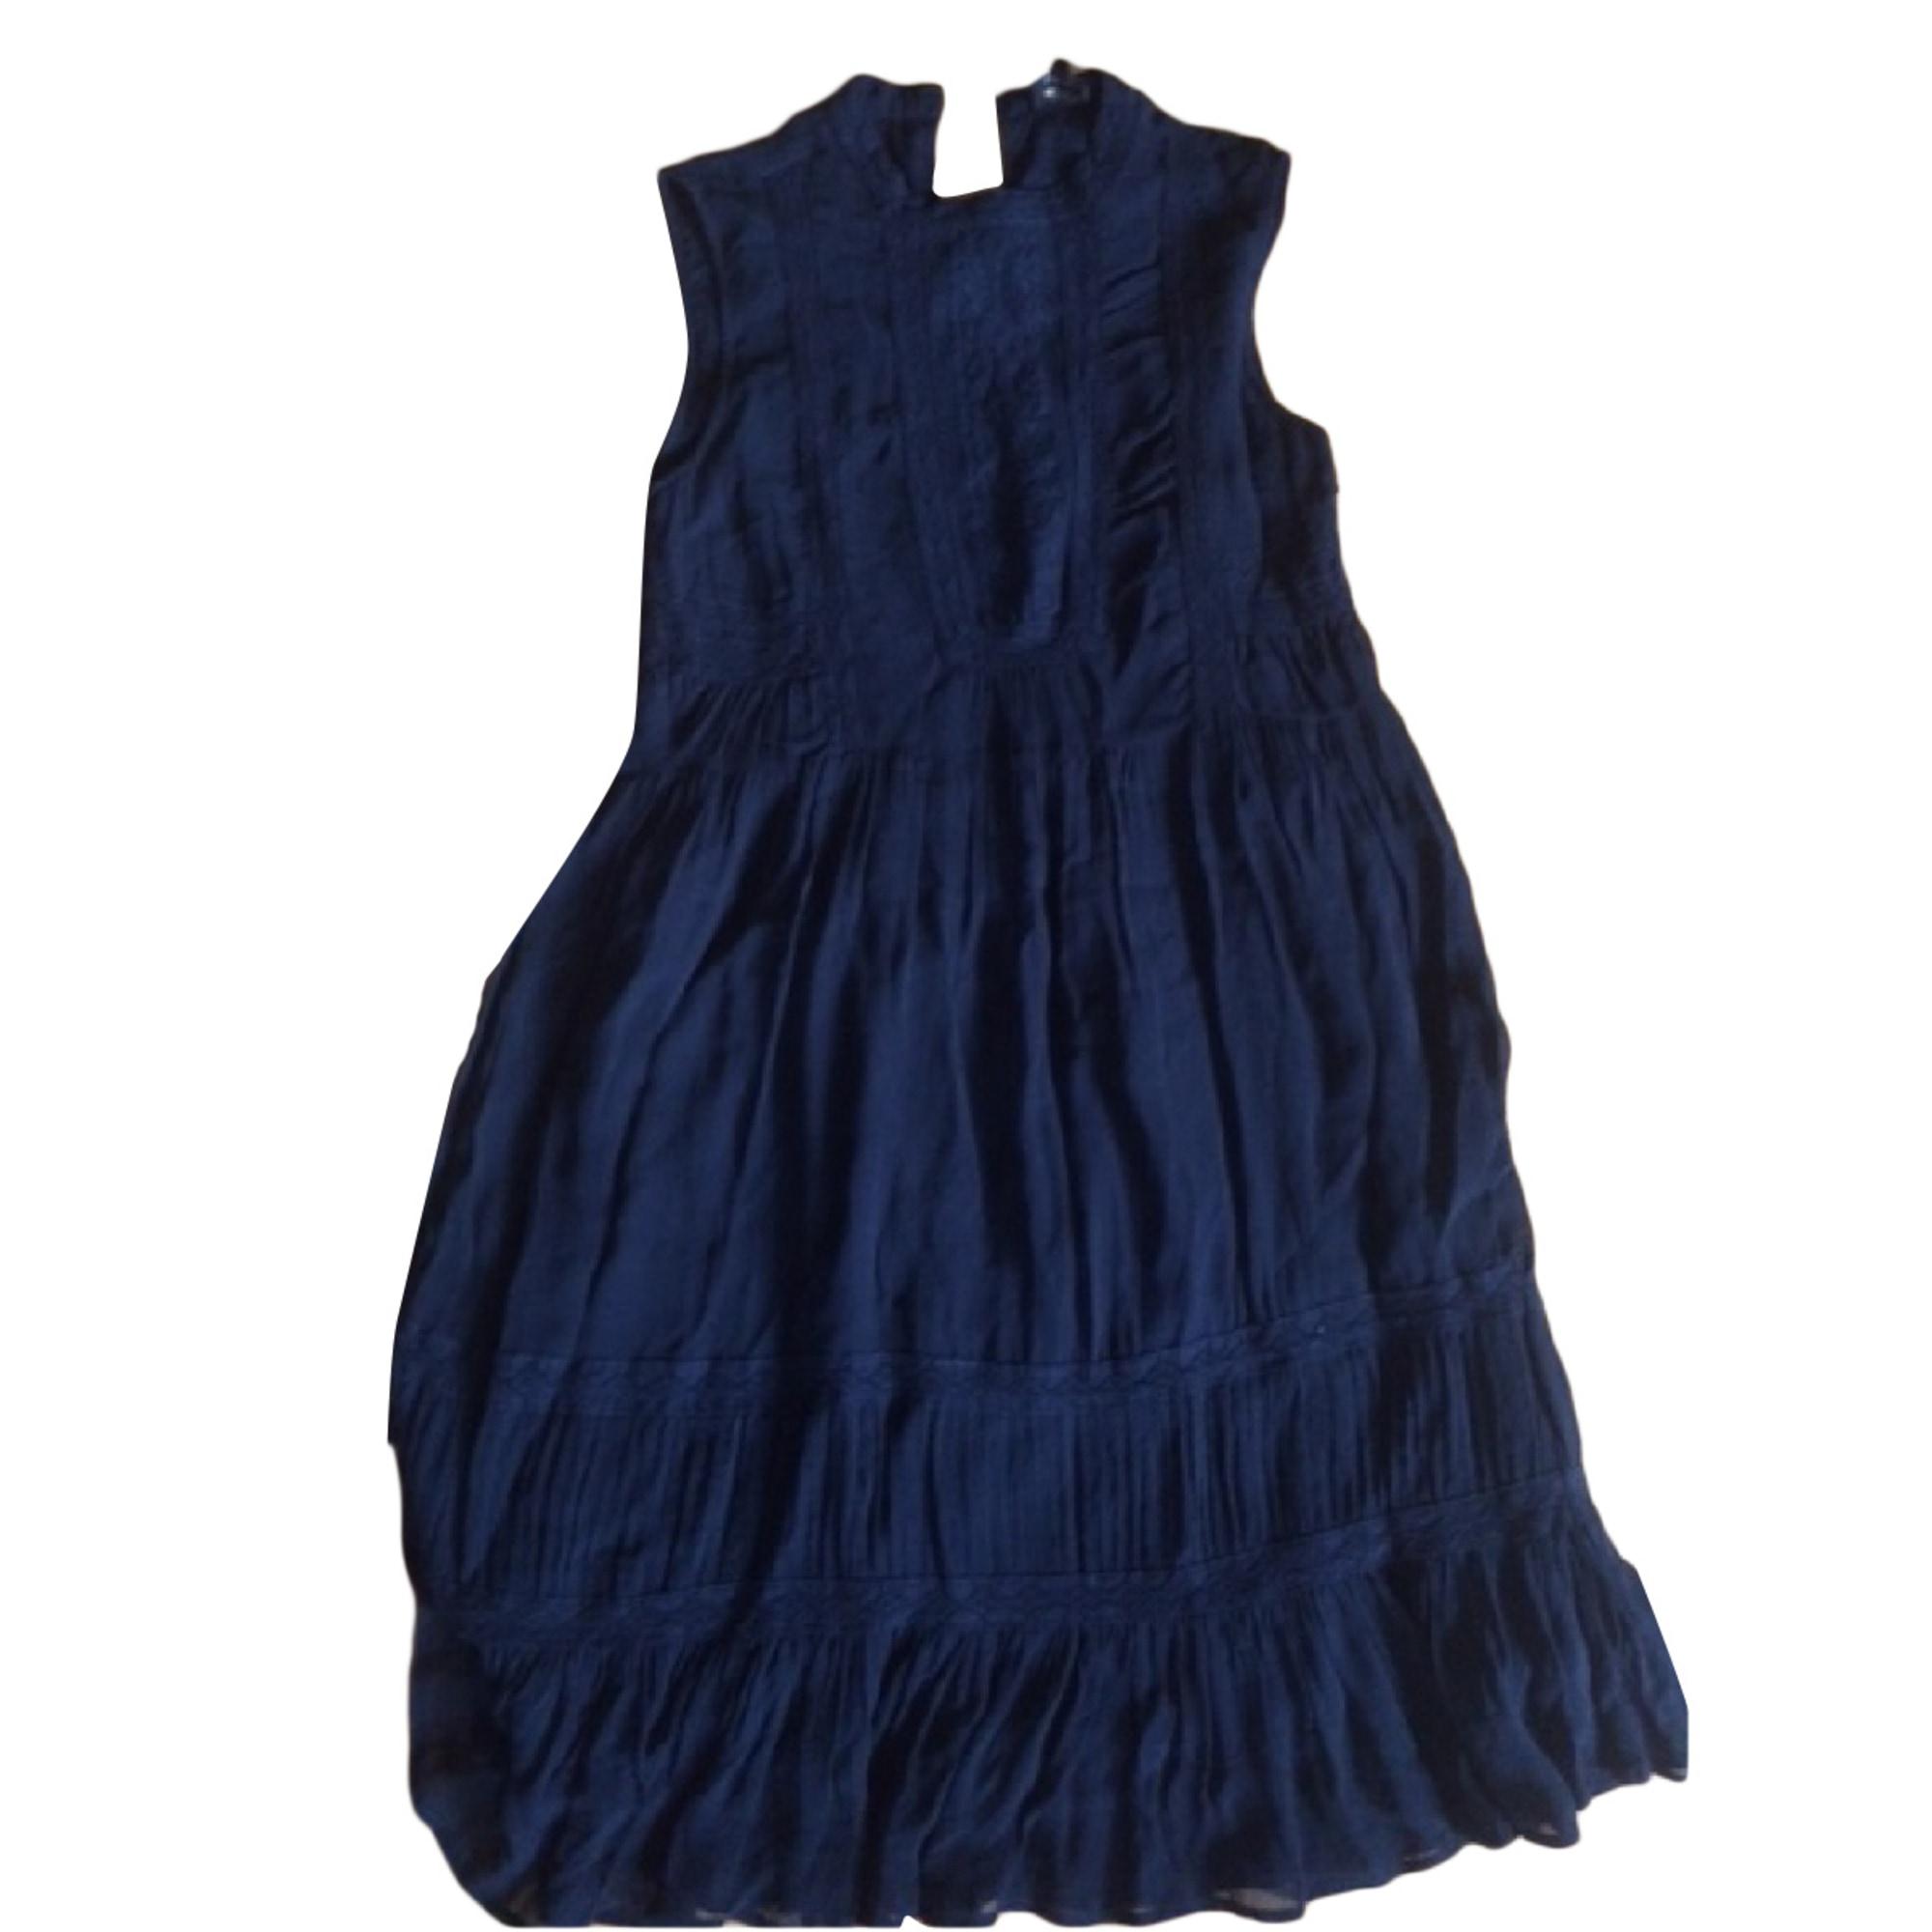 Midi-Kleid BERENICE Blau, marineblau, türkisblau